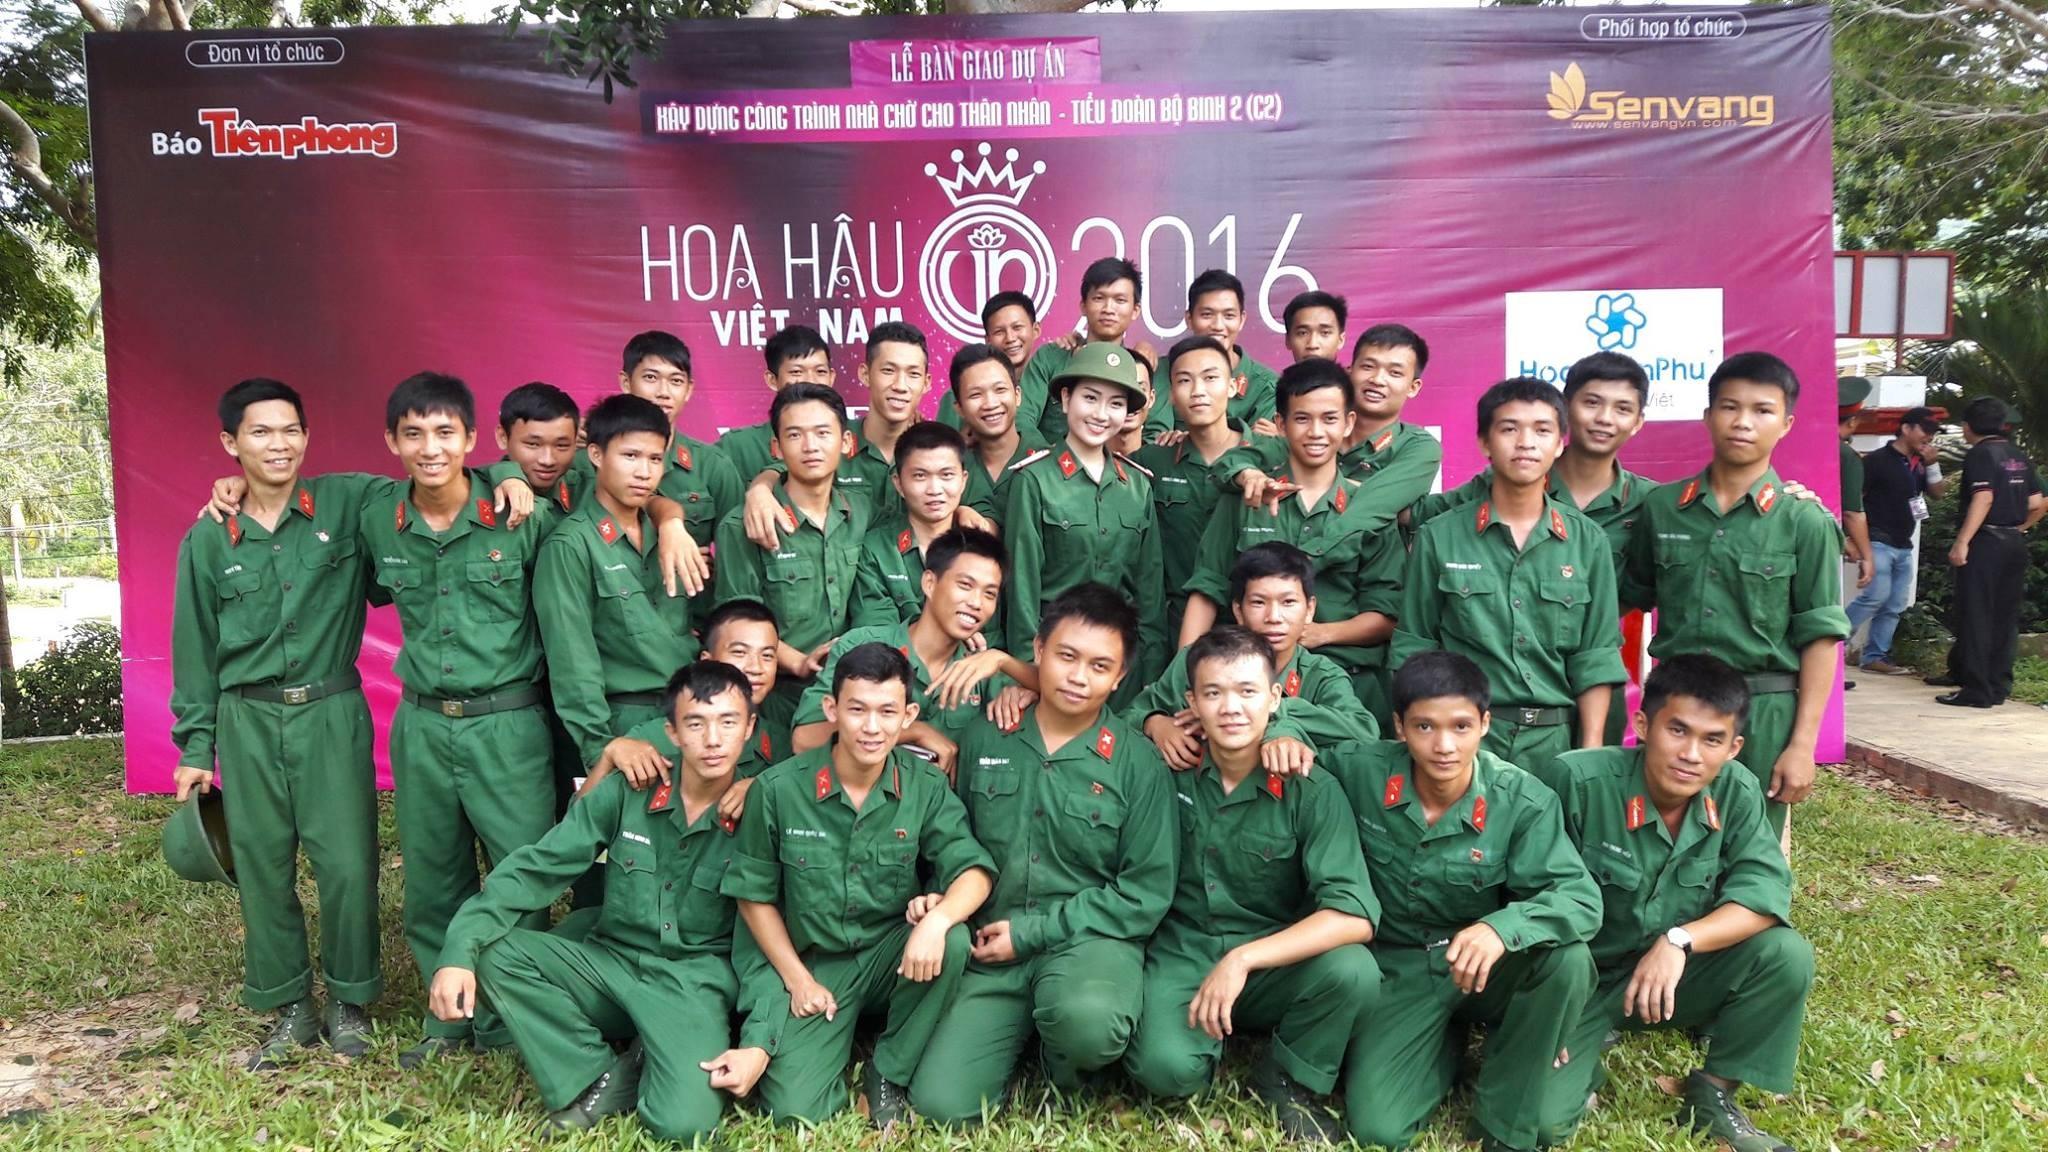 Chụp ảnh lưu niệm cùng các chiến sĩ trẻ.